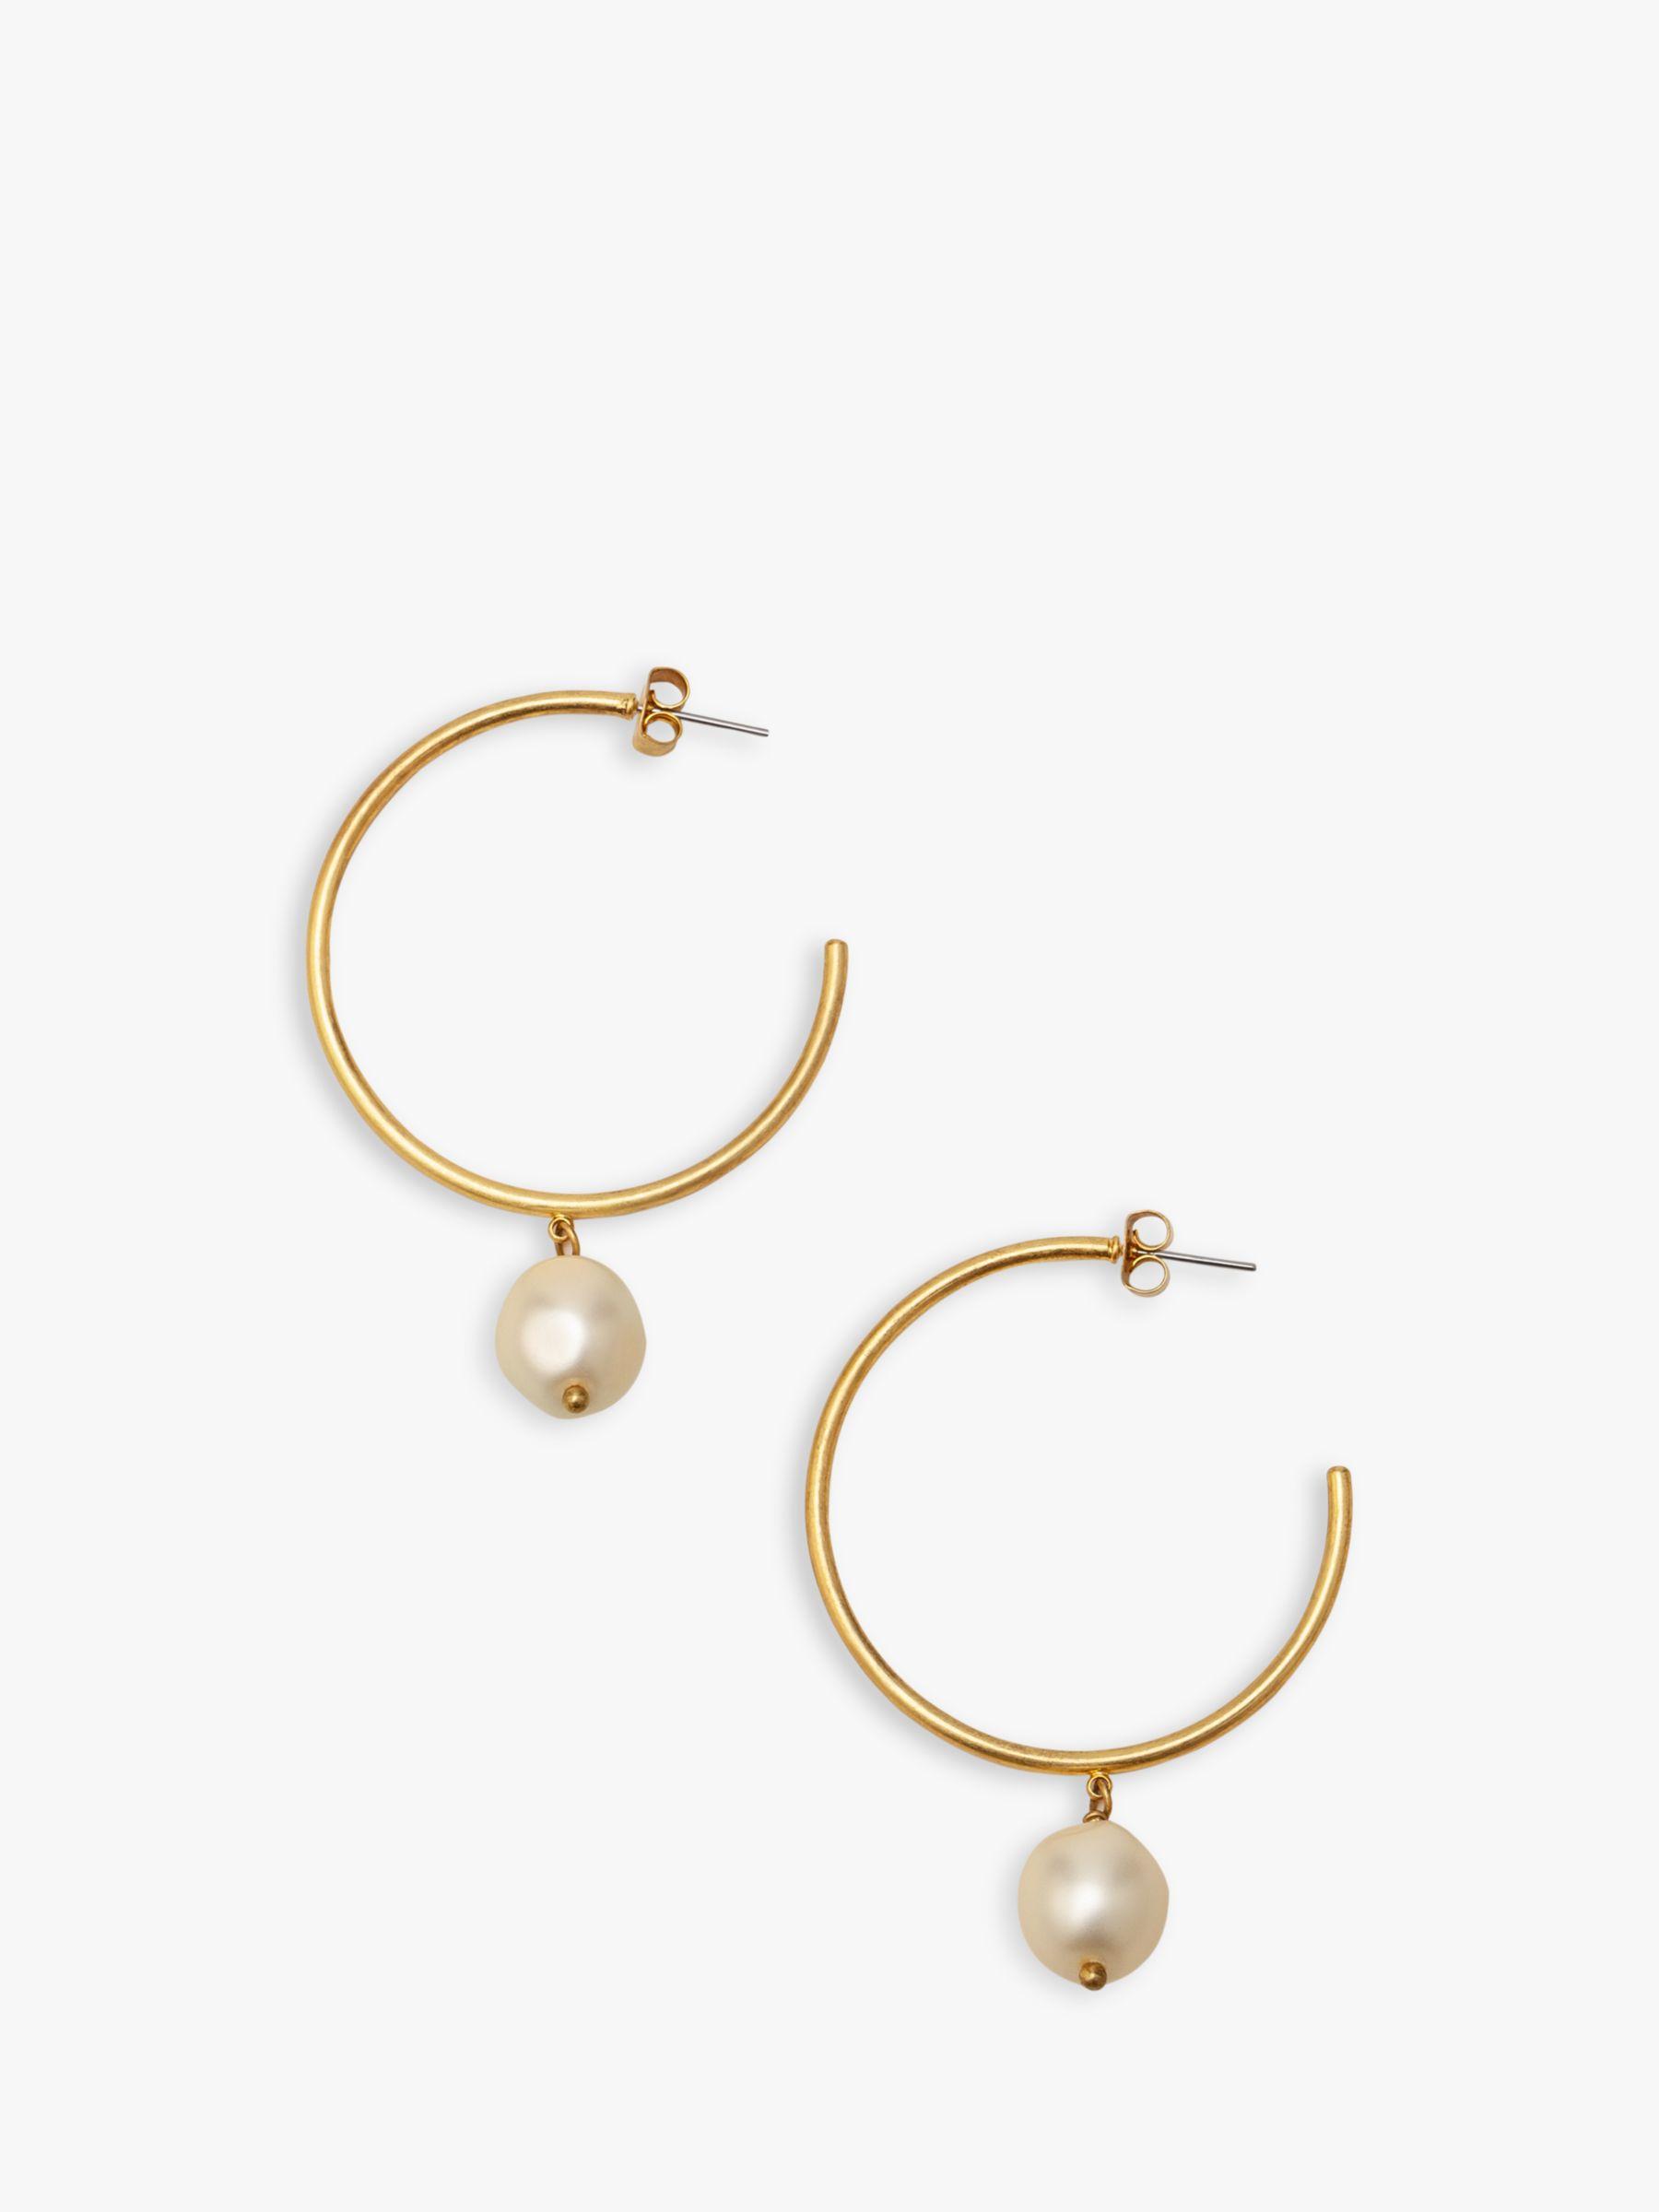 Boden Boden Faux Pearl Hoop Earrings, Gold